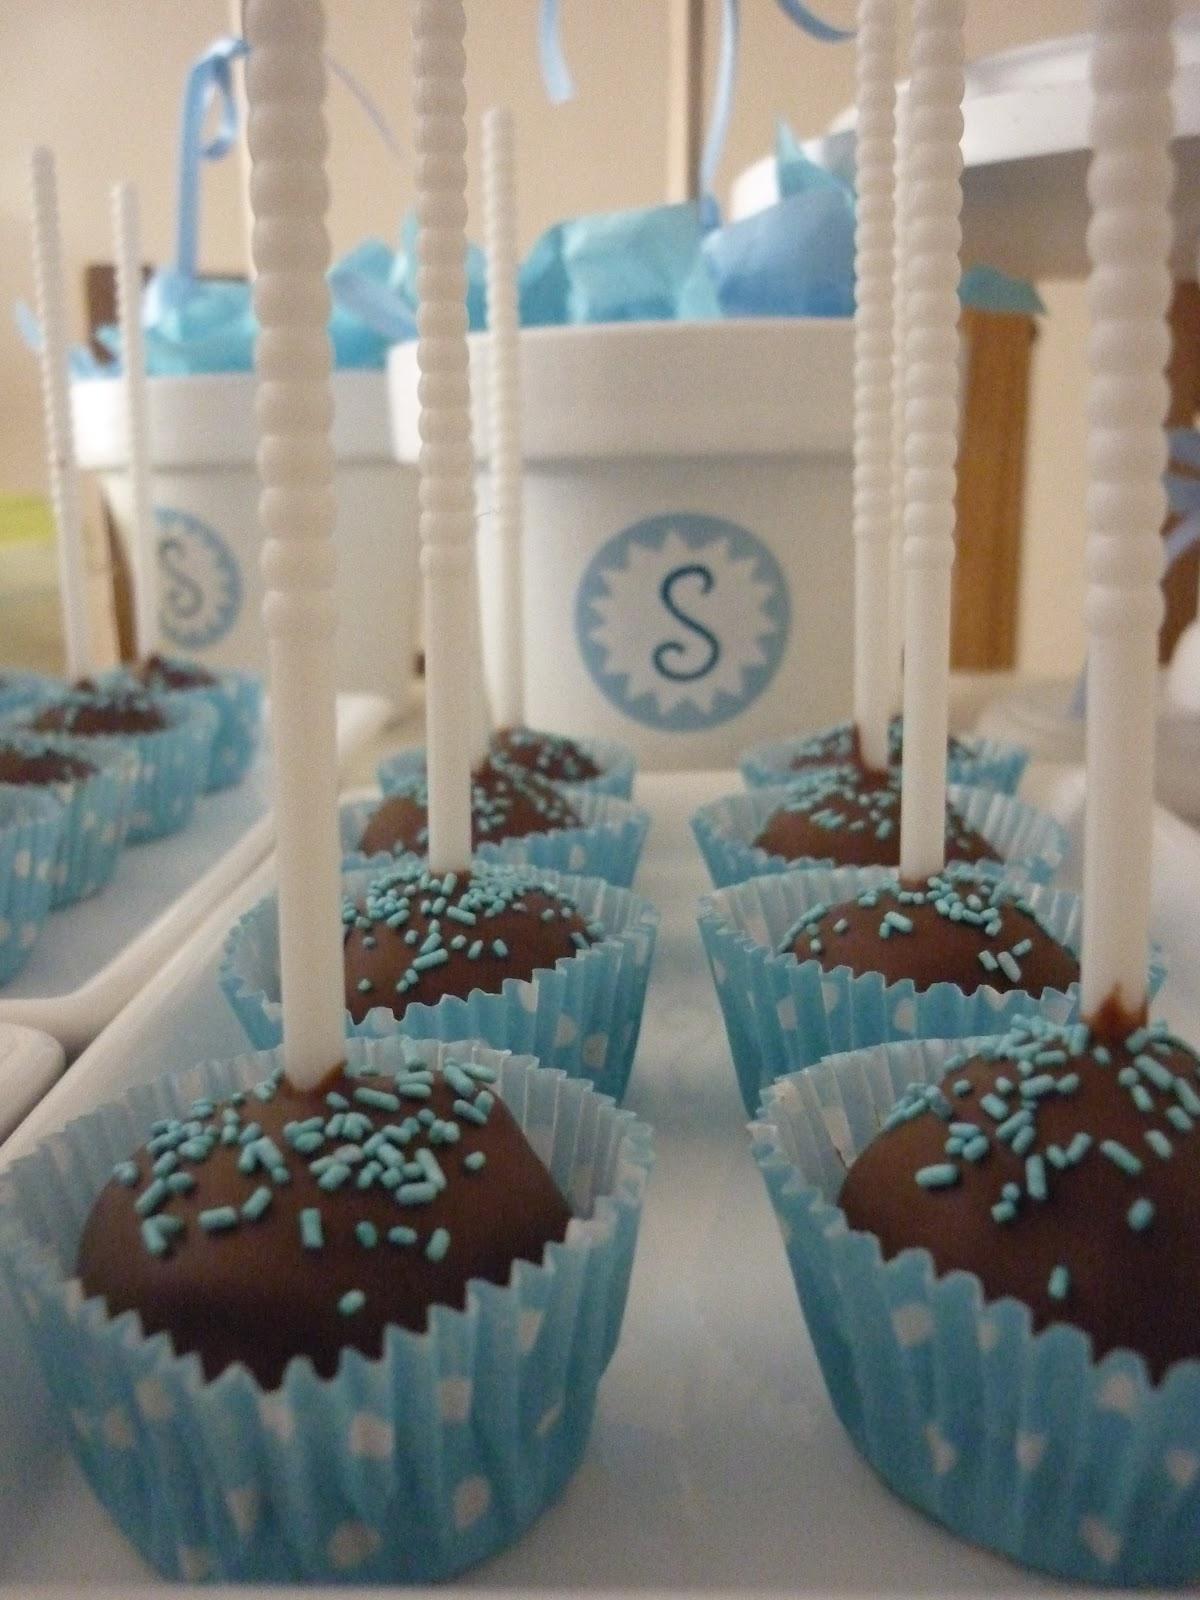 Muffins de la t a candy bar para bautismo y primer a o de santino - Decoracion para bautismo varon ...